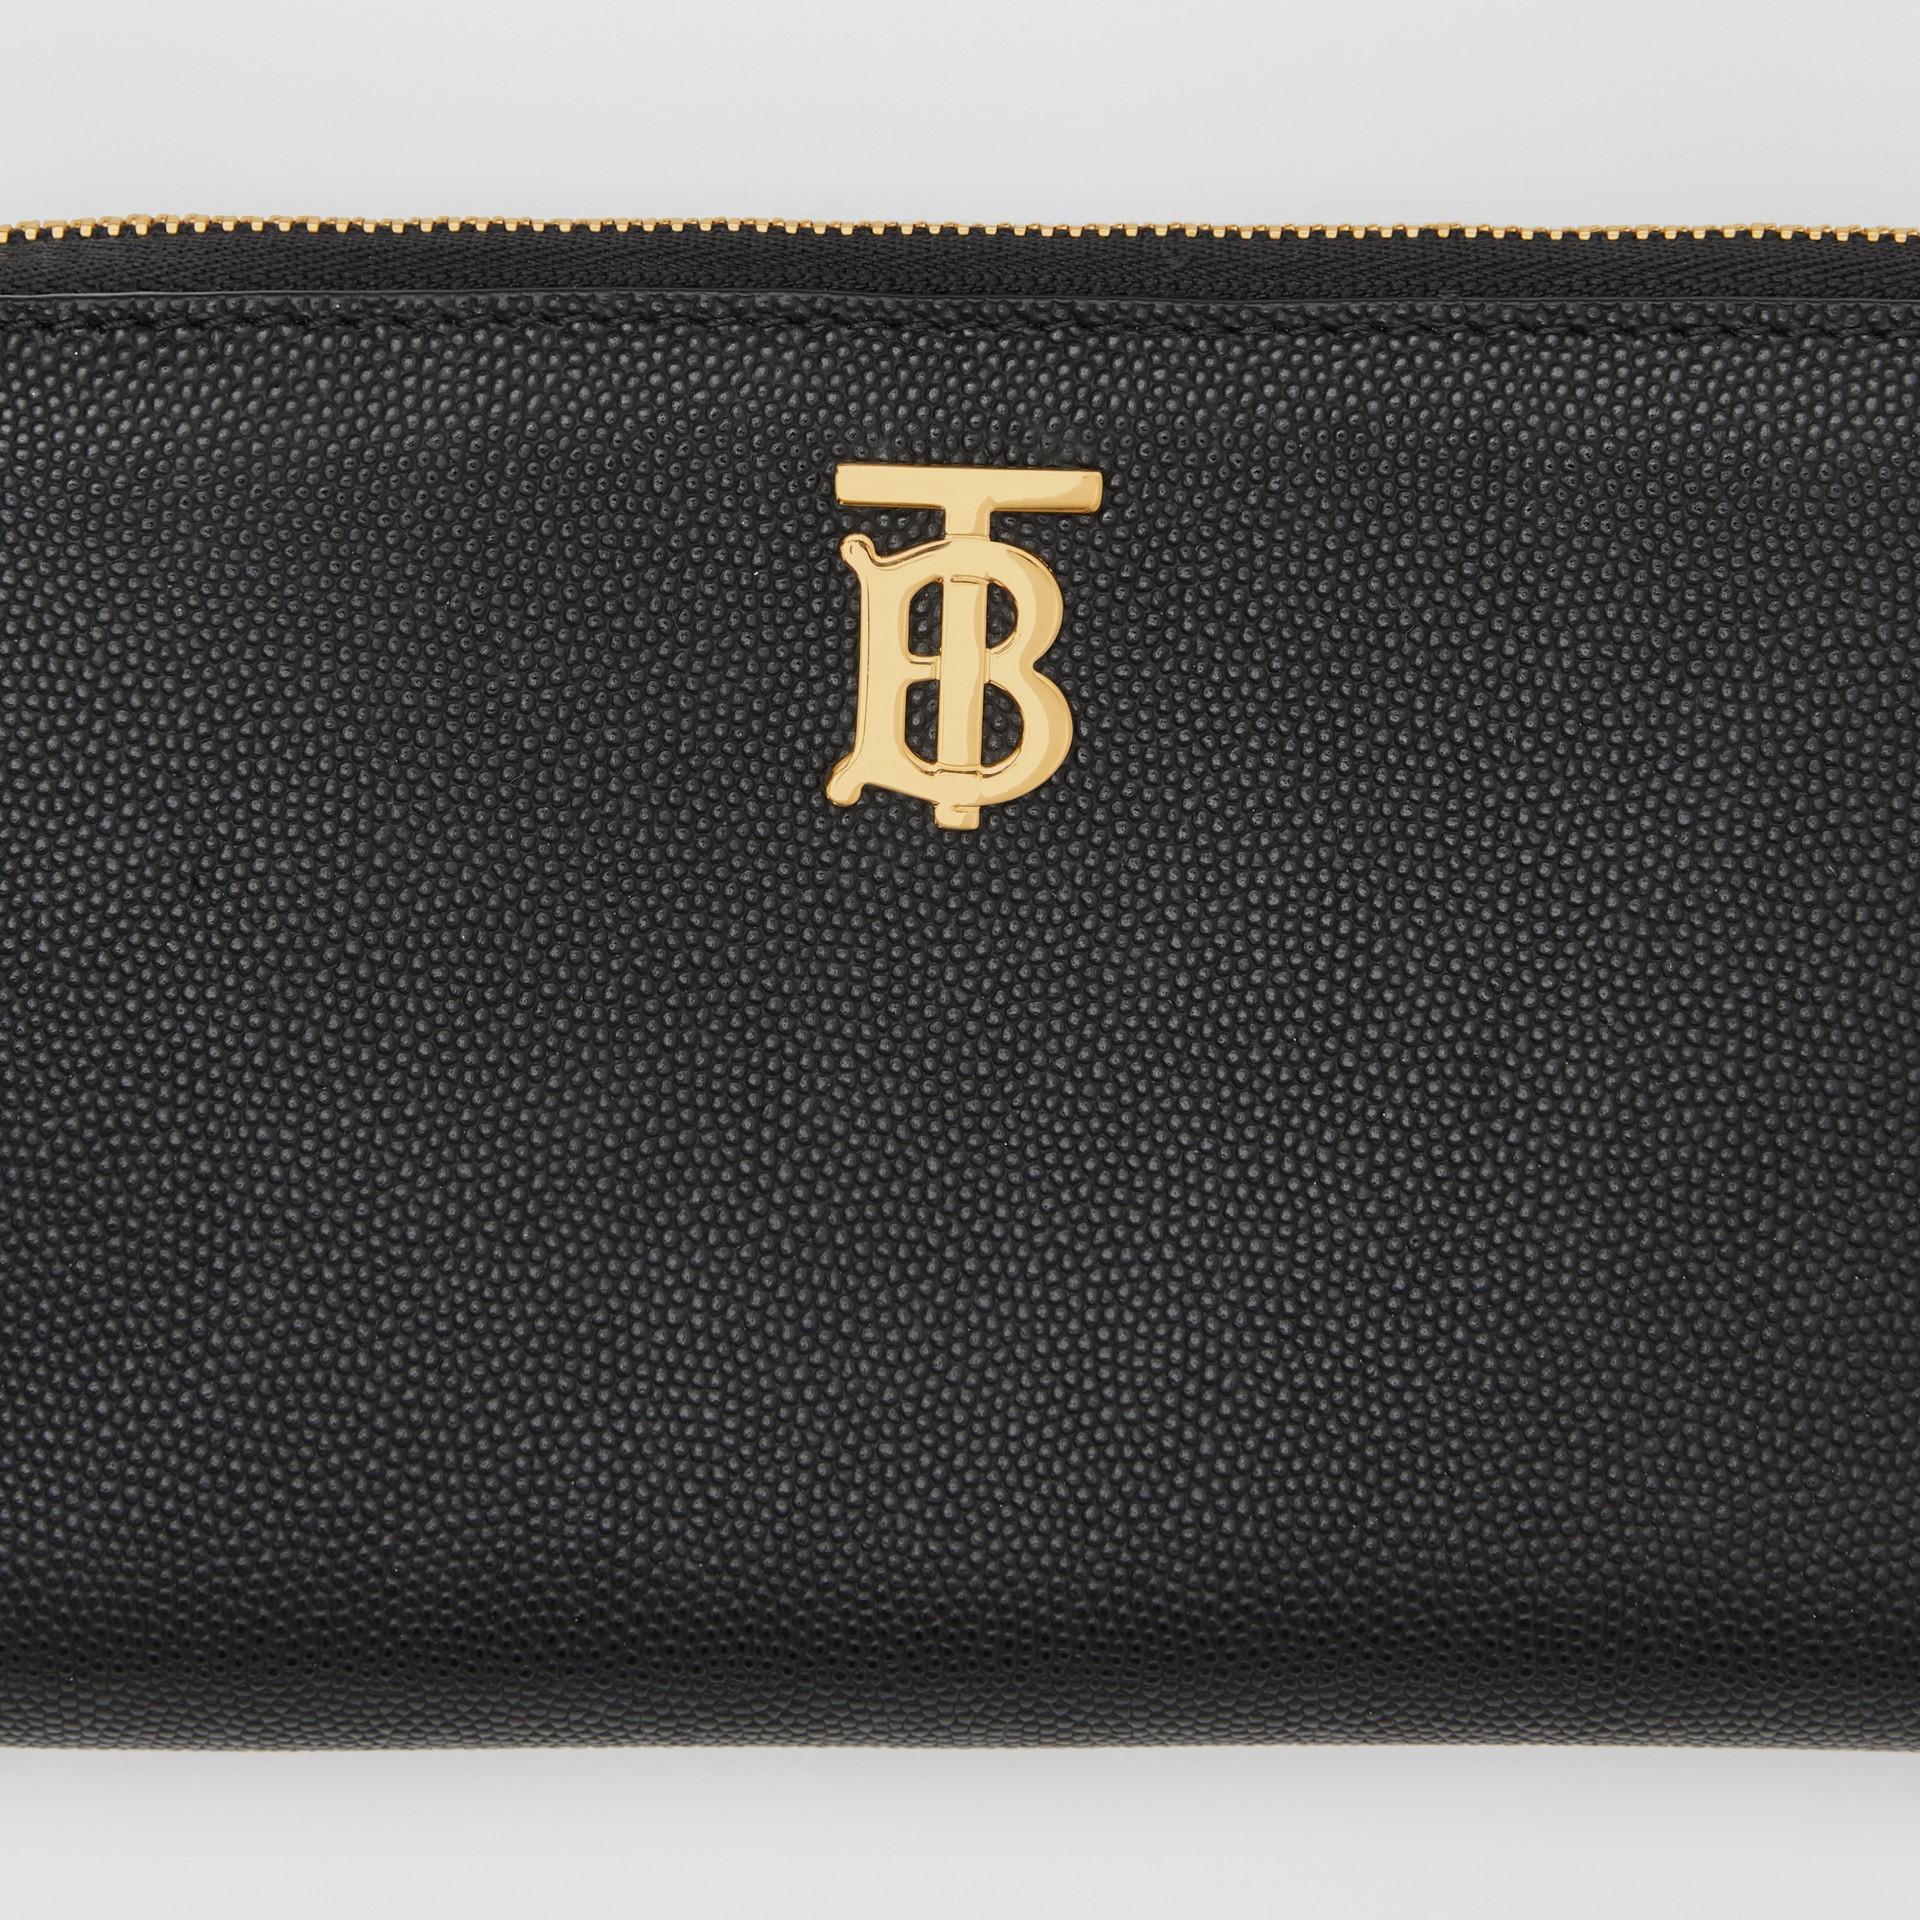 Portefeuille zippé en cuir grainé Monogram (Noir) - Femme | Burberry - photo de la galerie 1